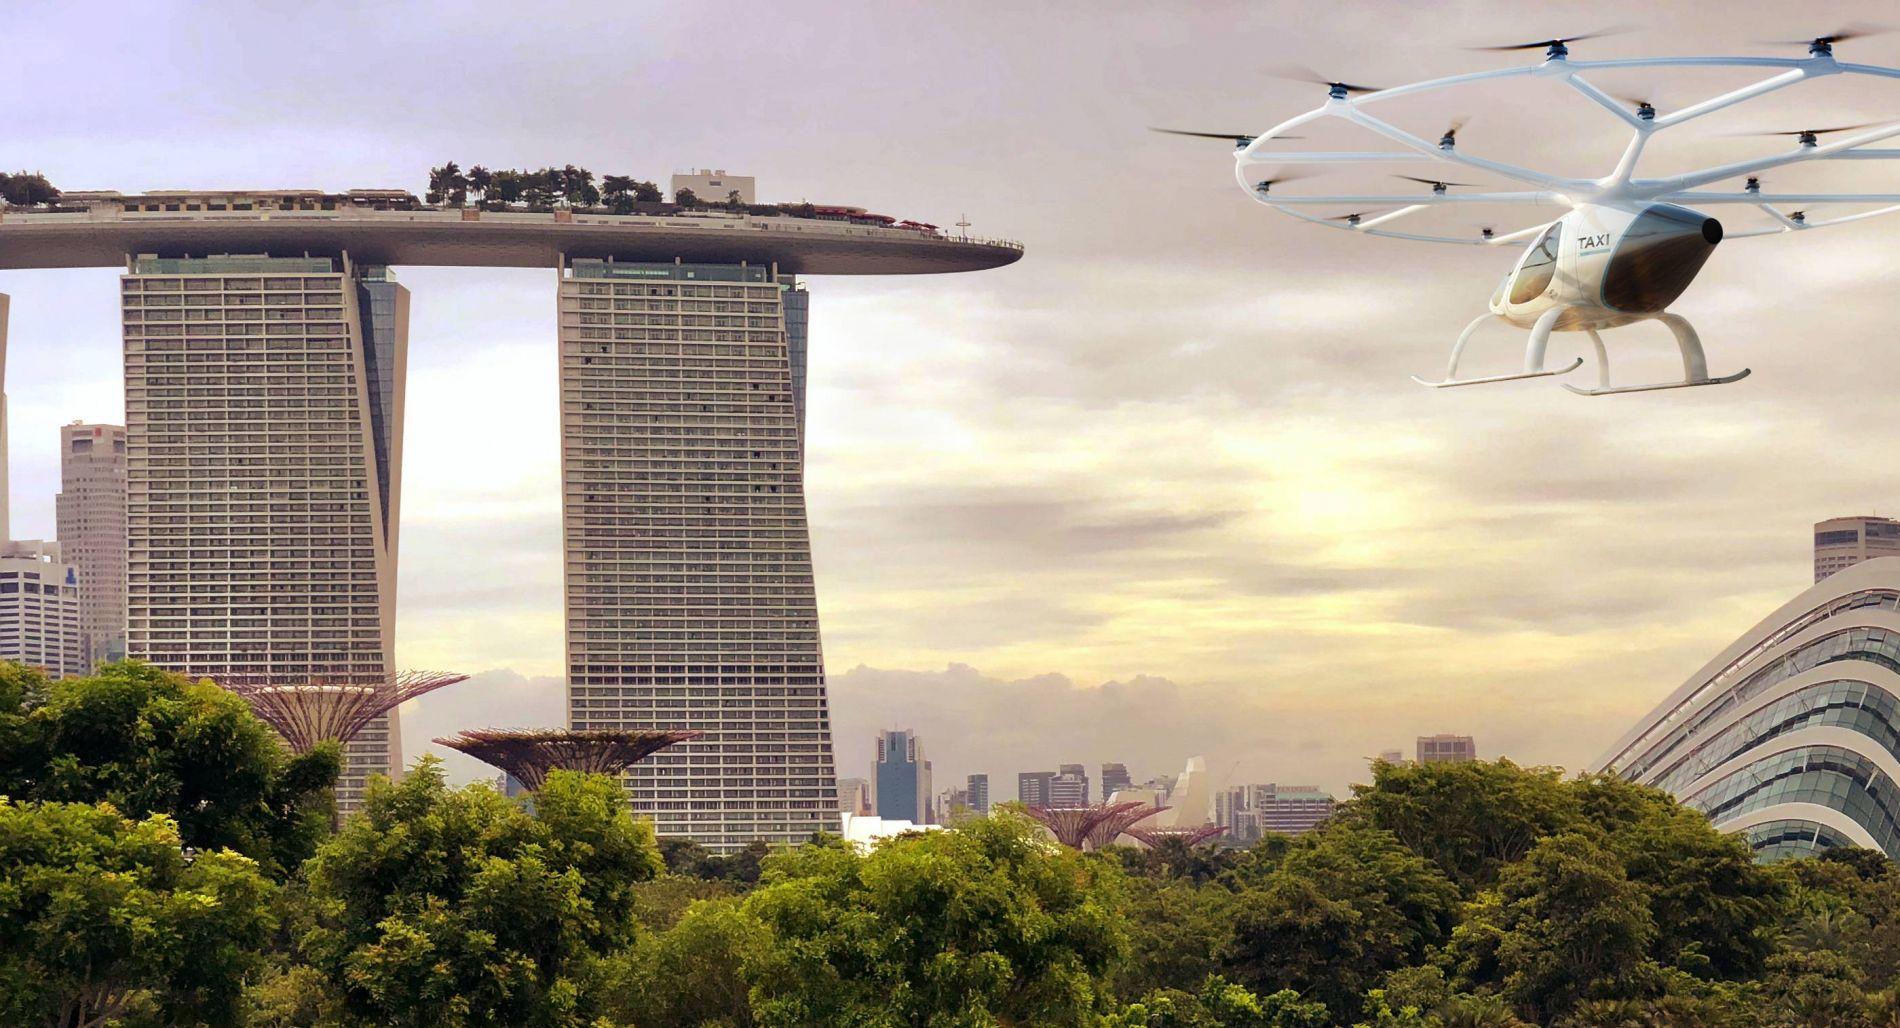 2023 წელს მფრინავ ტაქს ვიხილავთ